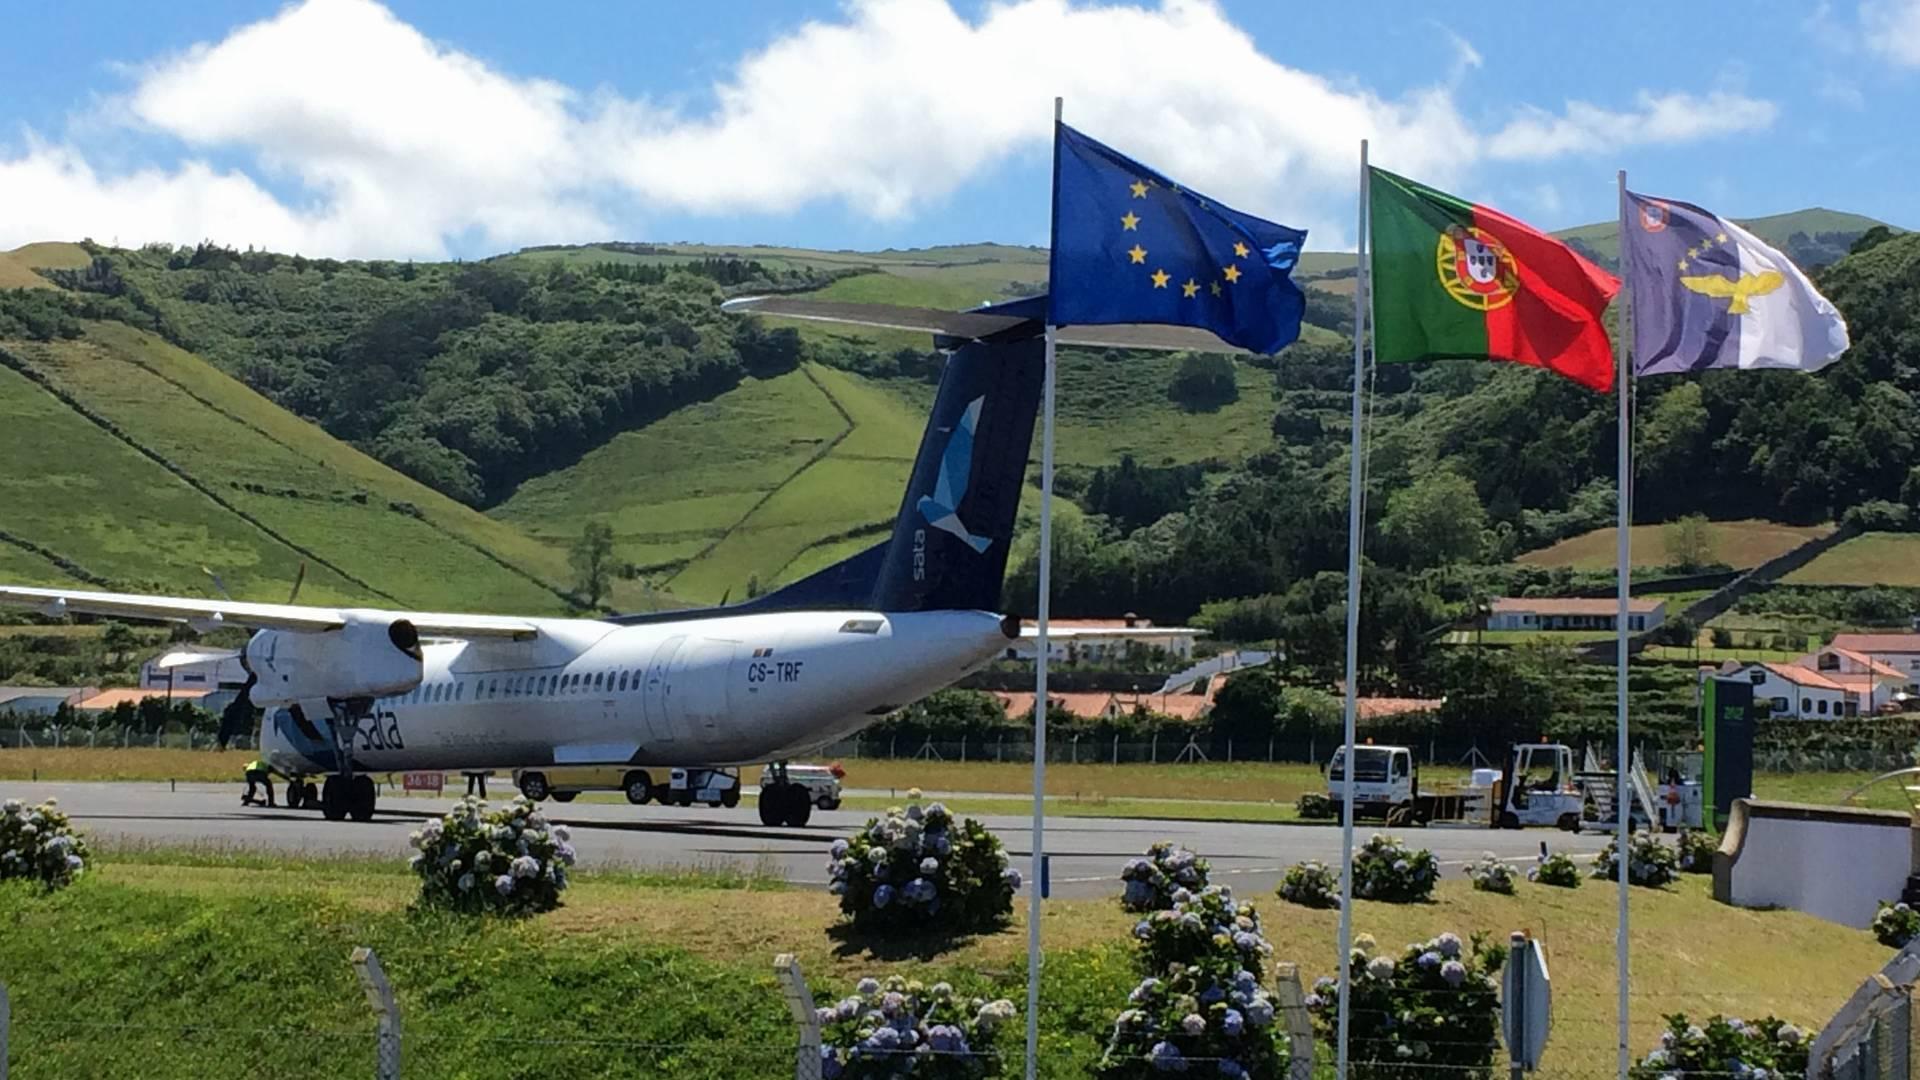 Flores Airport - Santa Cruz das Flores